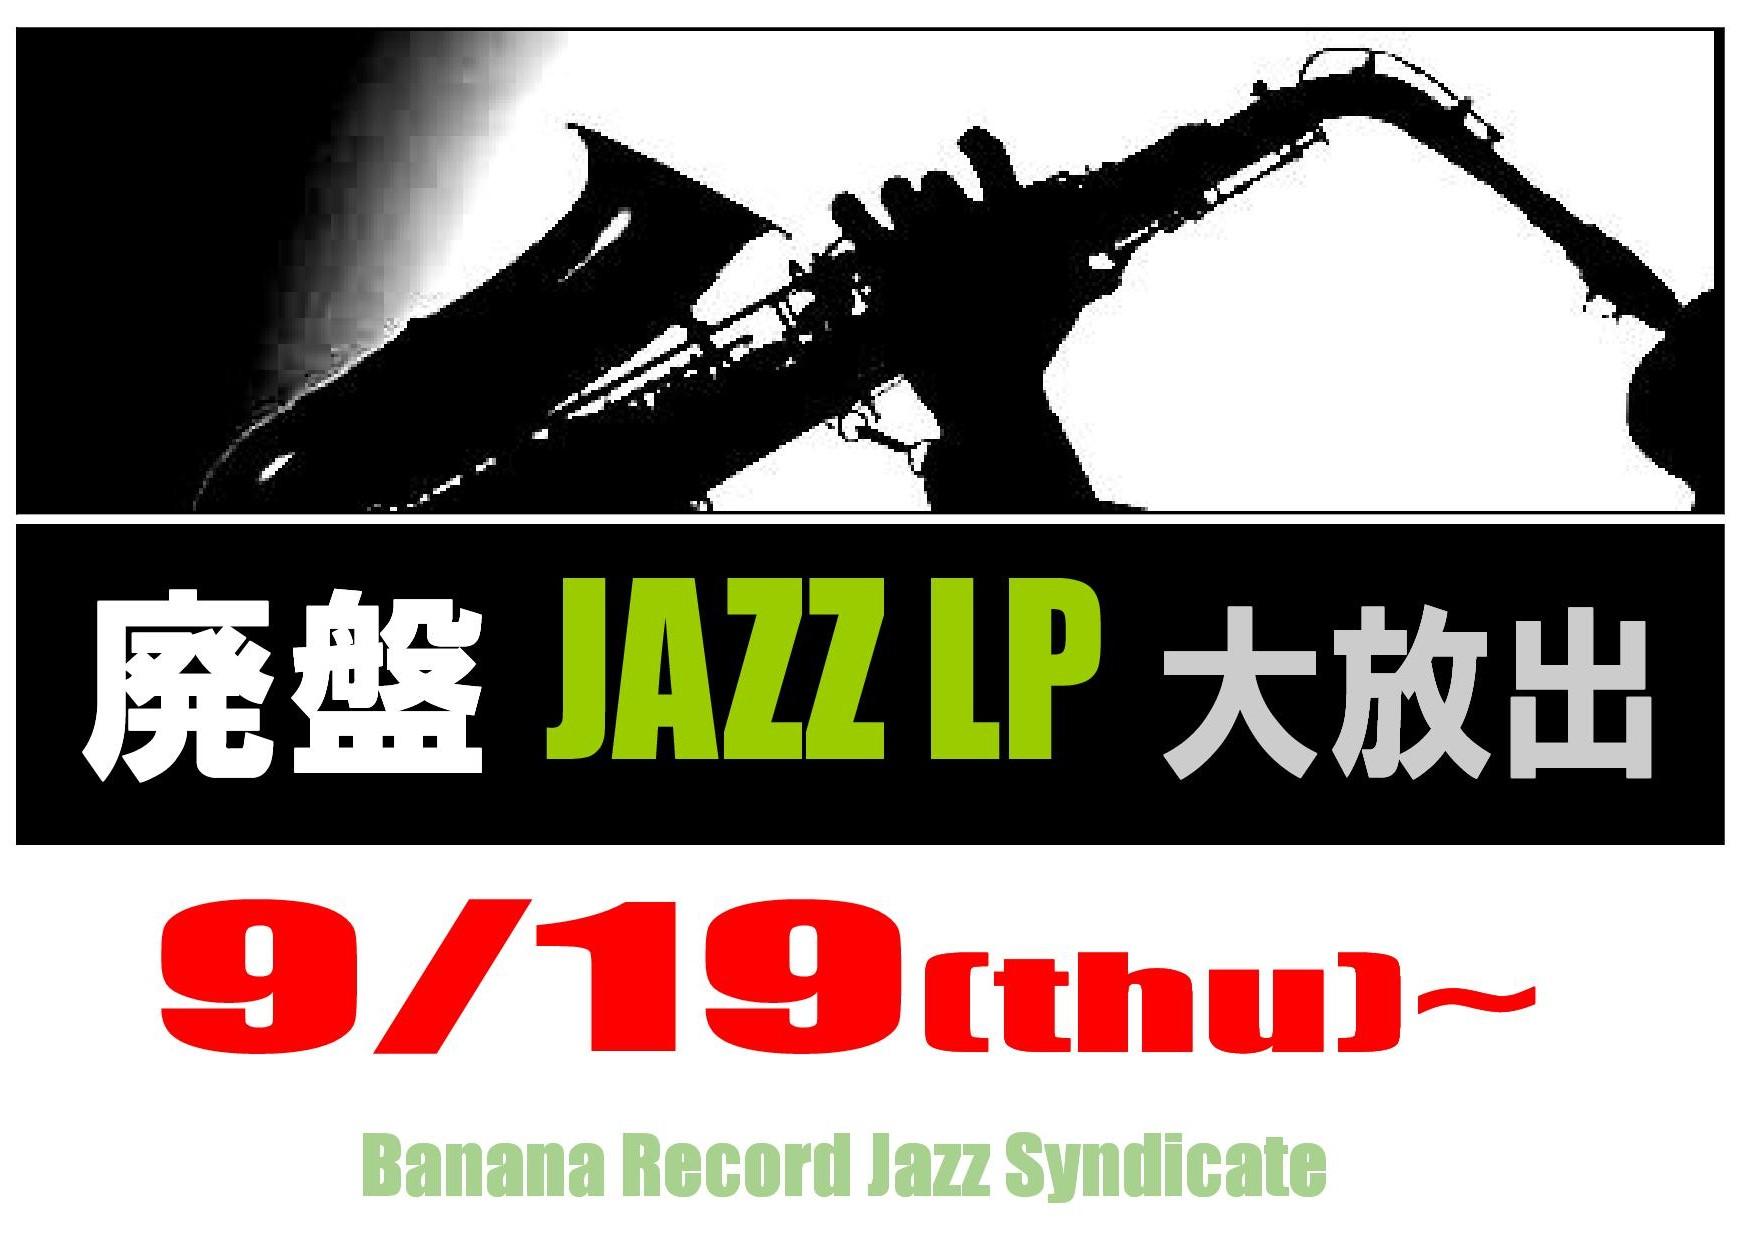 【ジャズシンジケート】19日よりJazz廃盤LP大放出開催決定 / 国内盤LP新規商品追加中